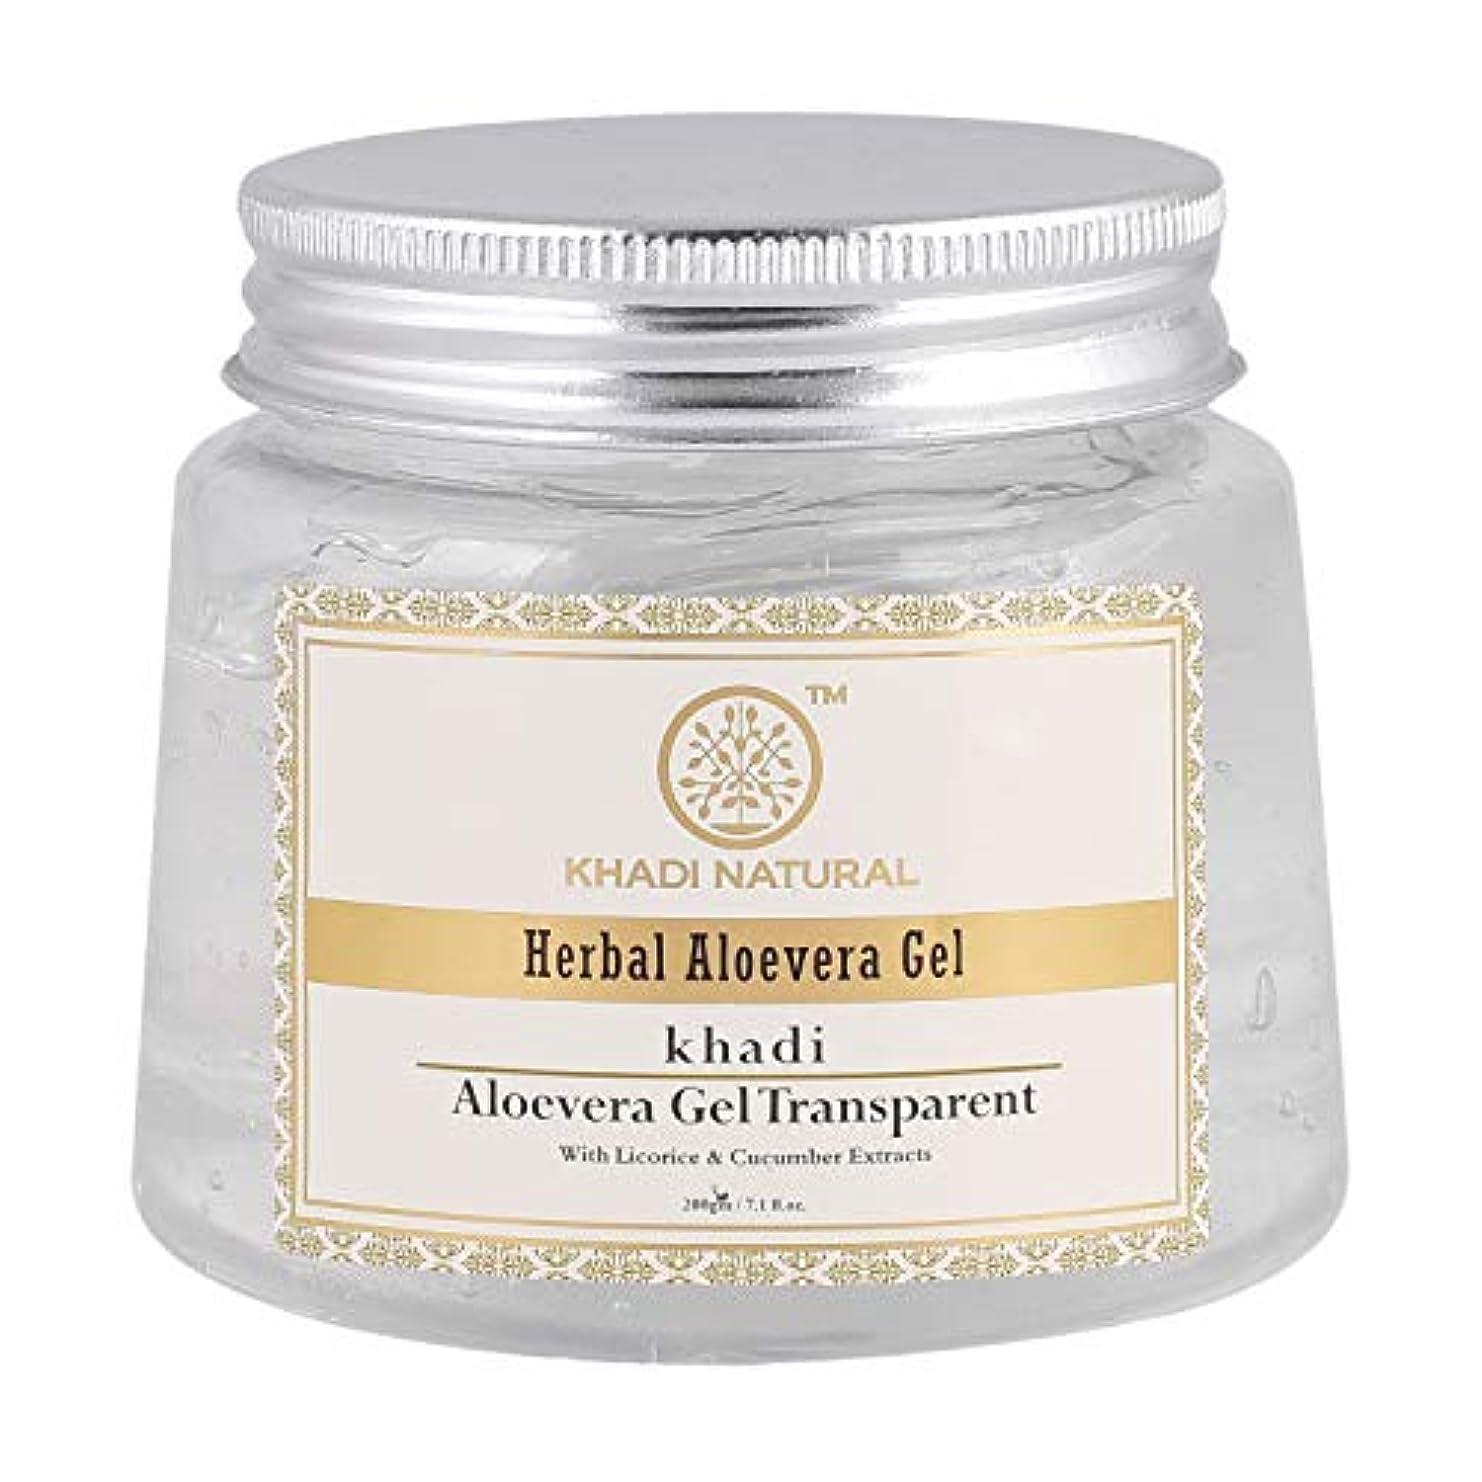 上げるアミューズ正義Khadi Natural Herbal Aloevera Gel With Liqorice & Cucumber Extracts 200g